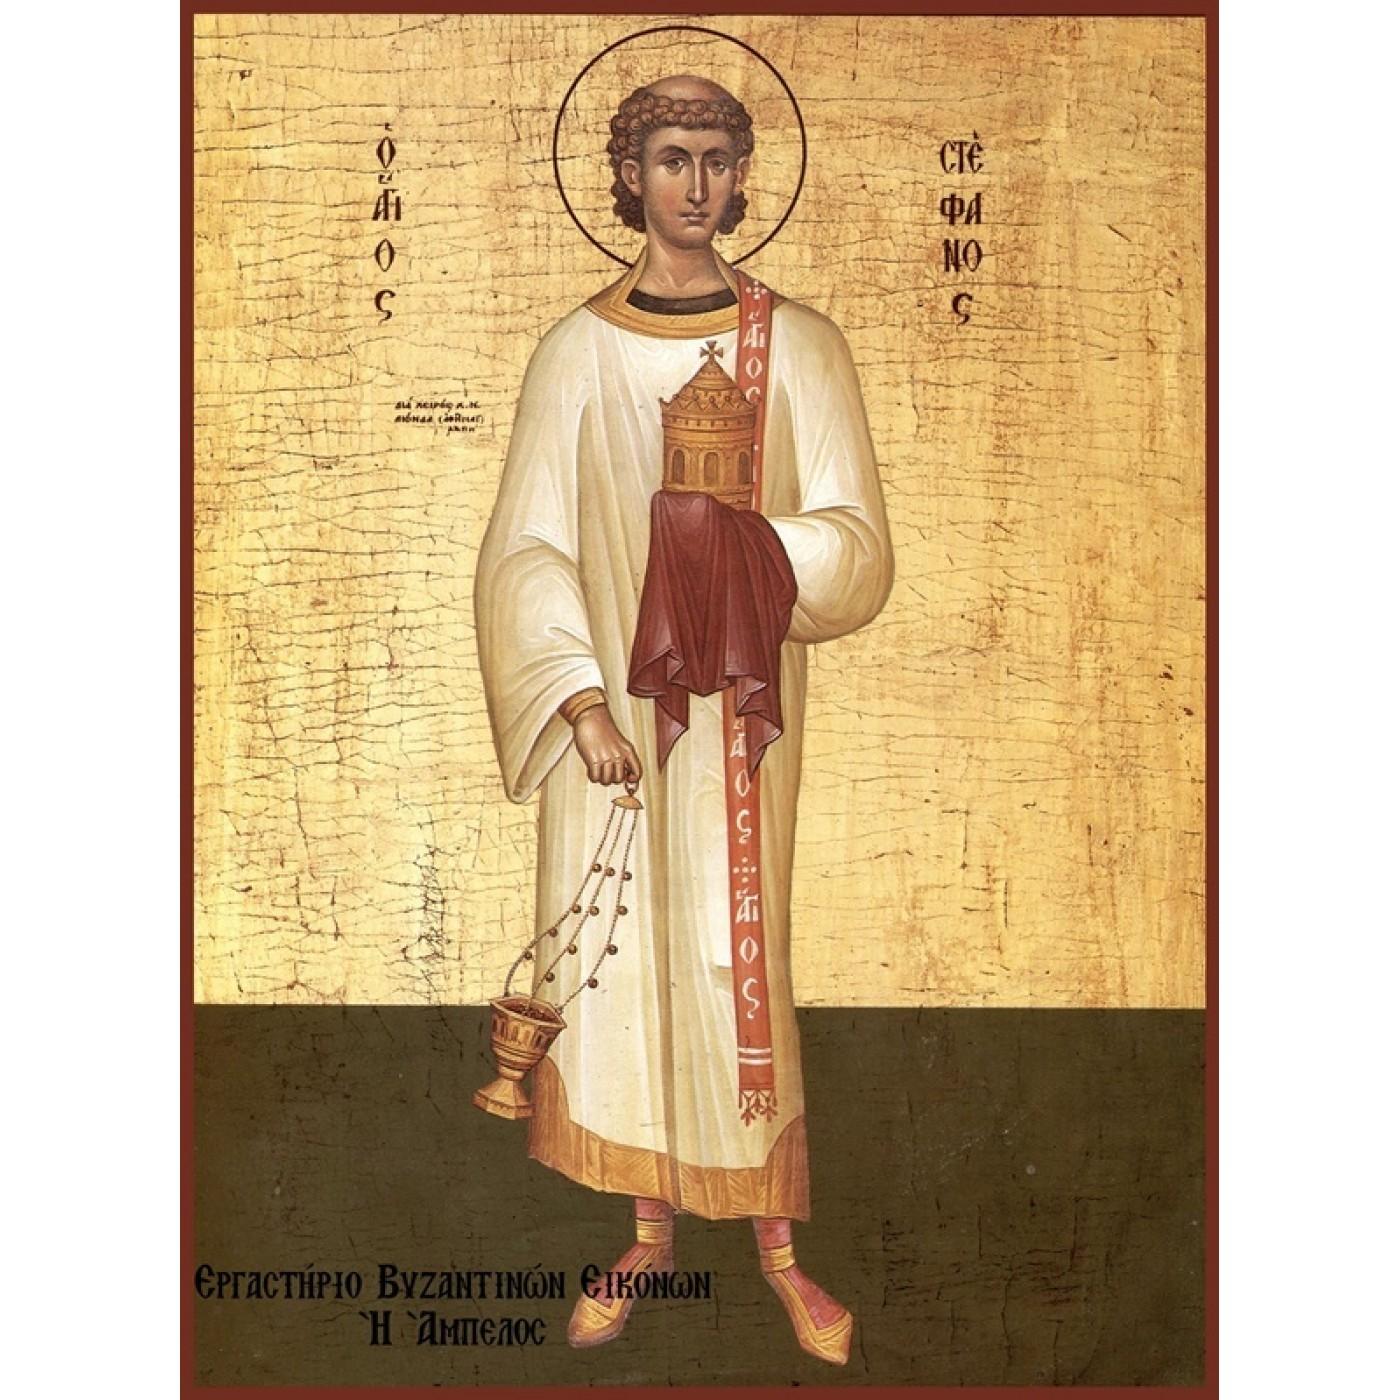 Ο Άγιος Στέφανος ο Πρωτομάρτυρας ολόσωμος